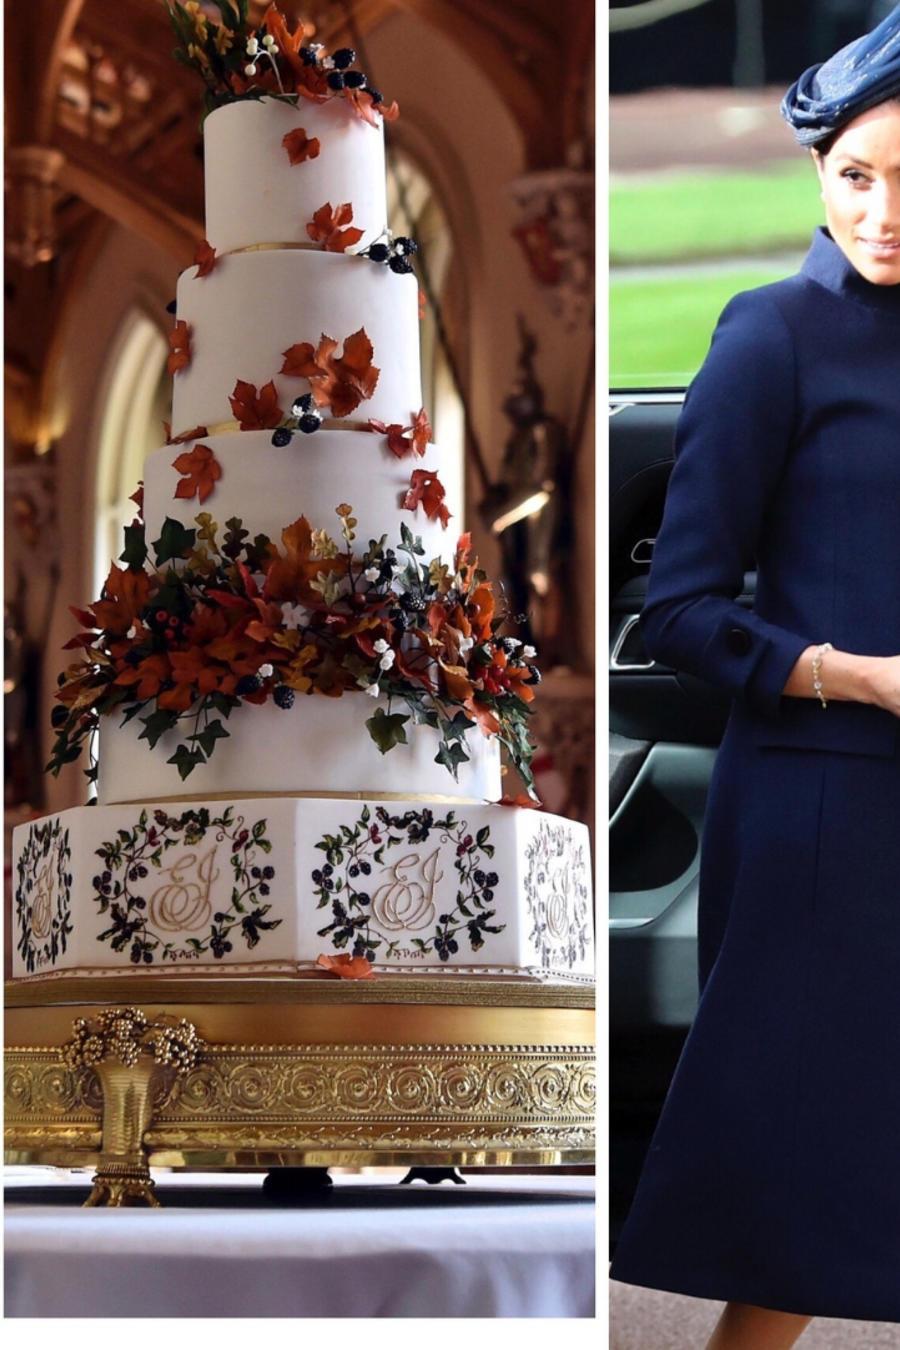 La princesa, Eugenie de York y al empresario Jack Brooksbank, se dieron el sí después de 8 años de noviazgo.